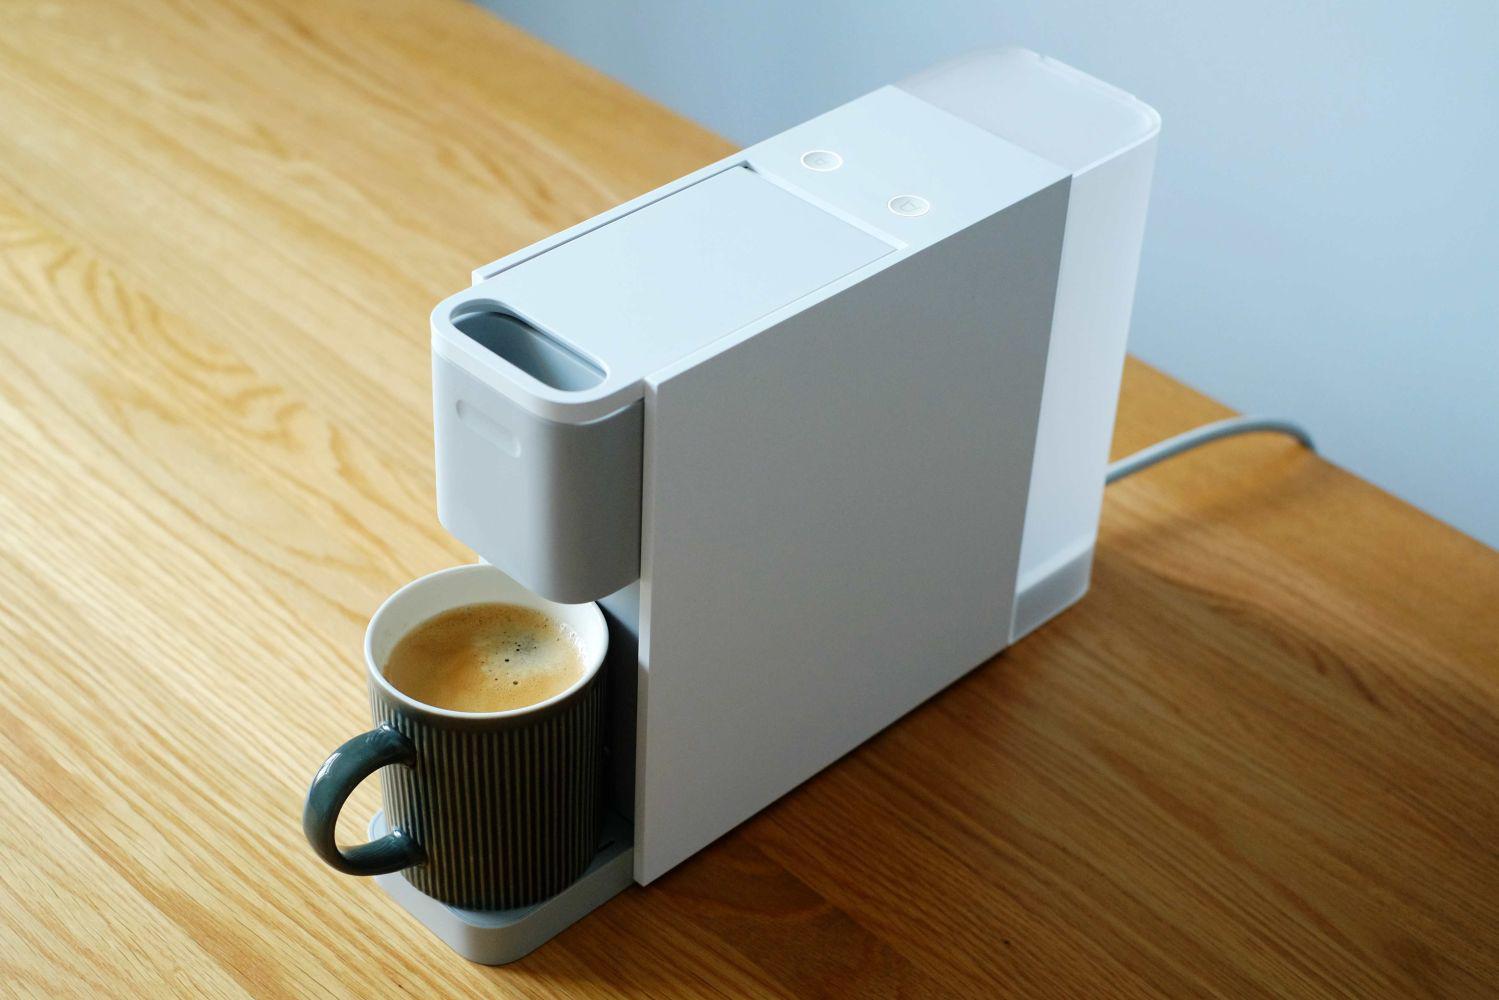 【轻松活力一整天】米家胶囊咖啡机初体验